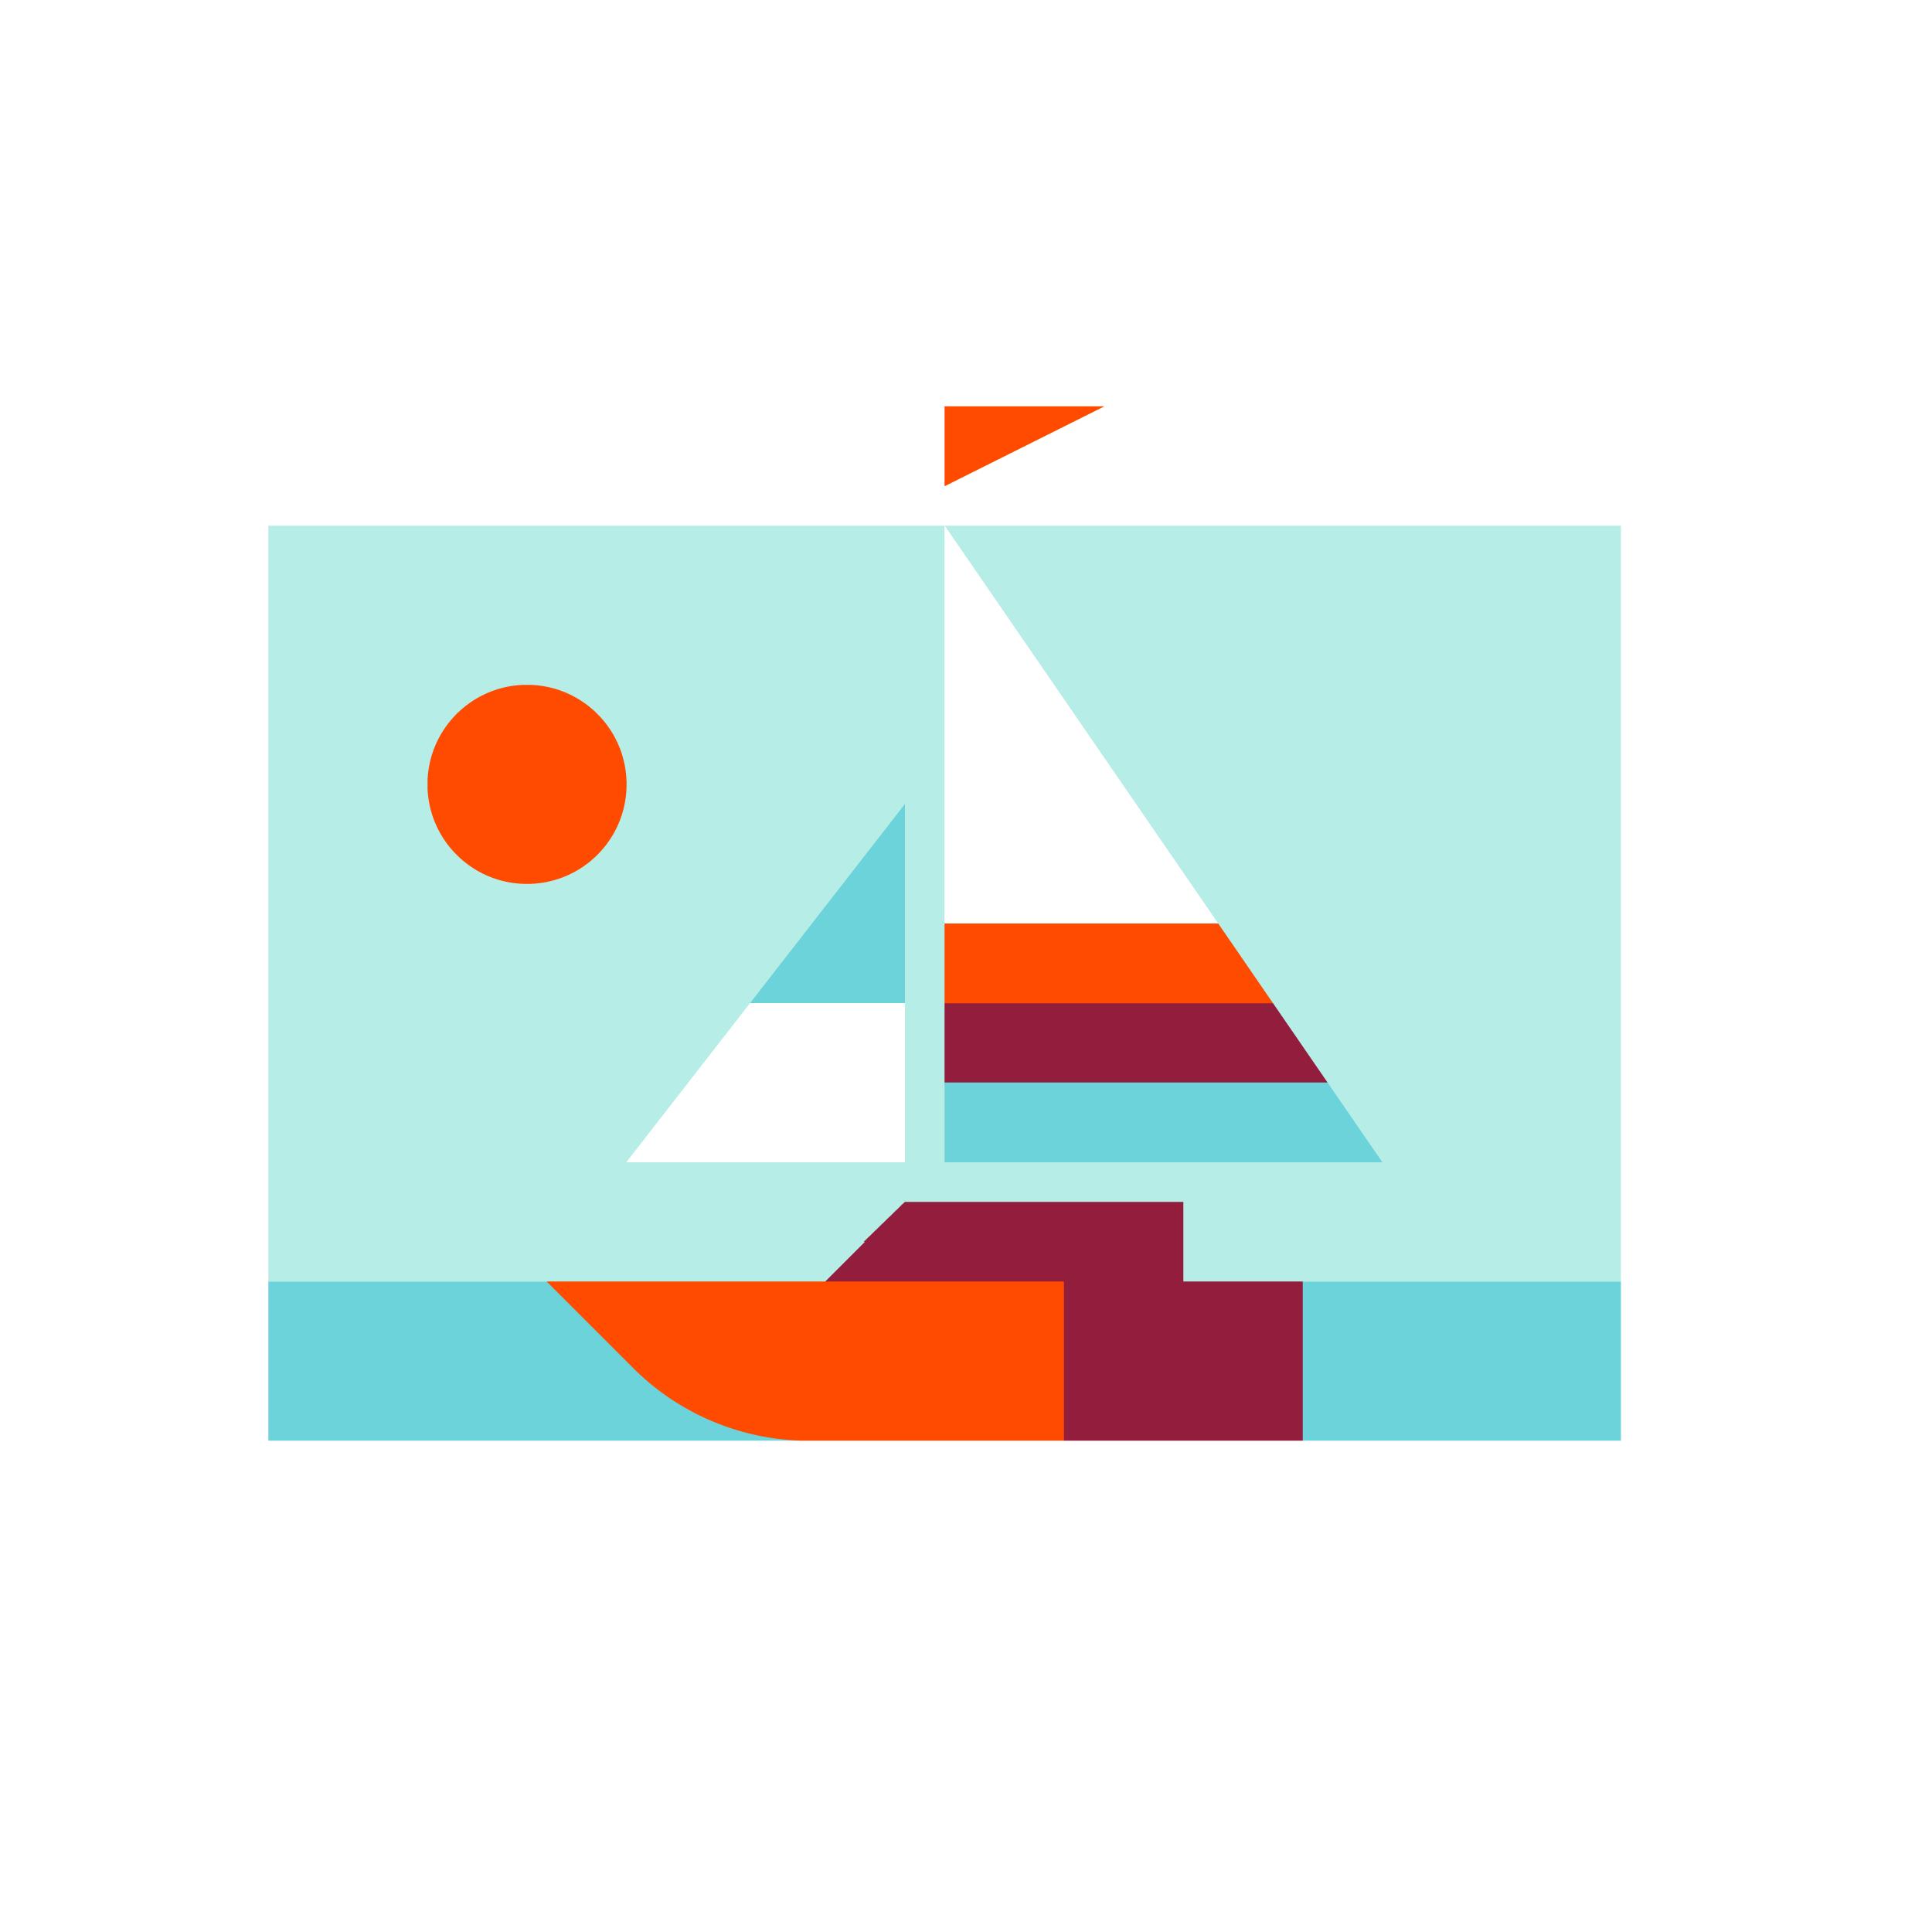 sailboat@2x.png